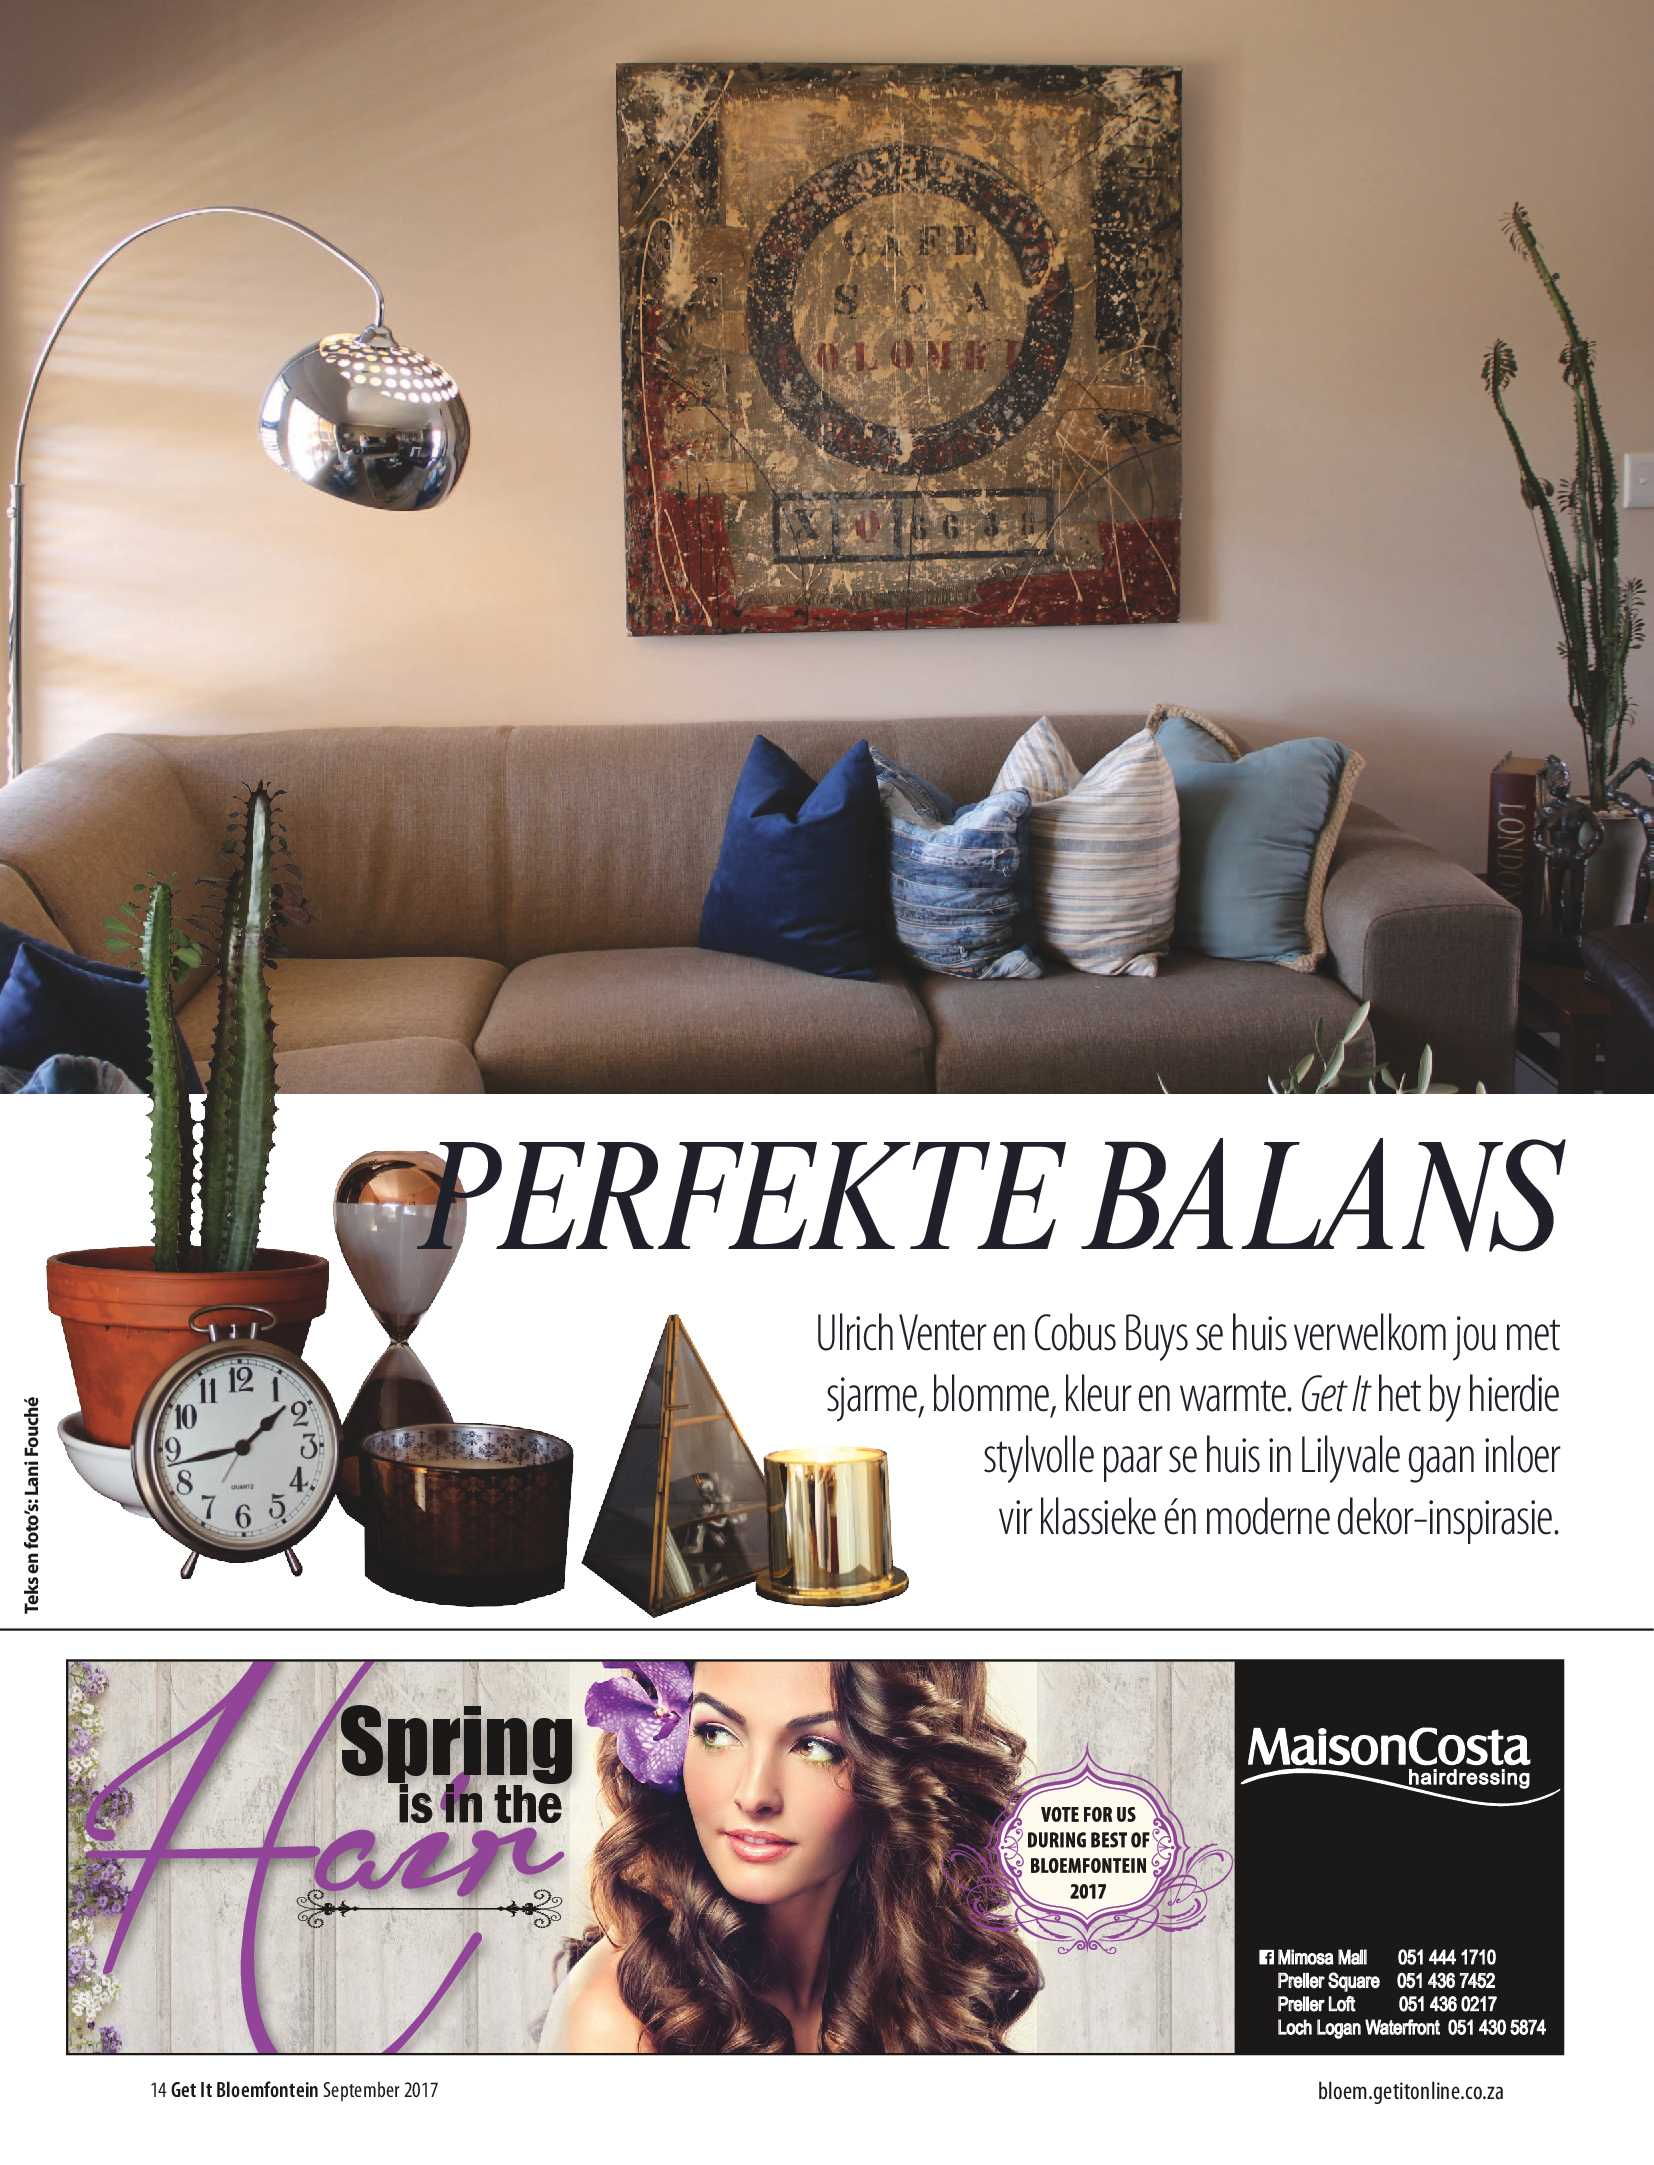 get-bloemfontein-september-2017-epapers-page-16